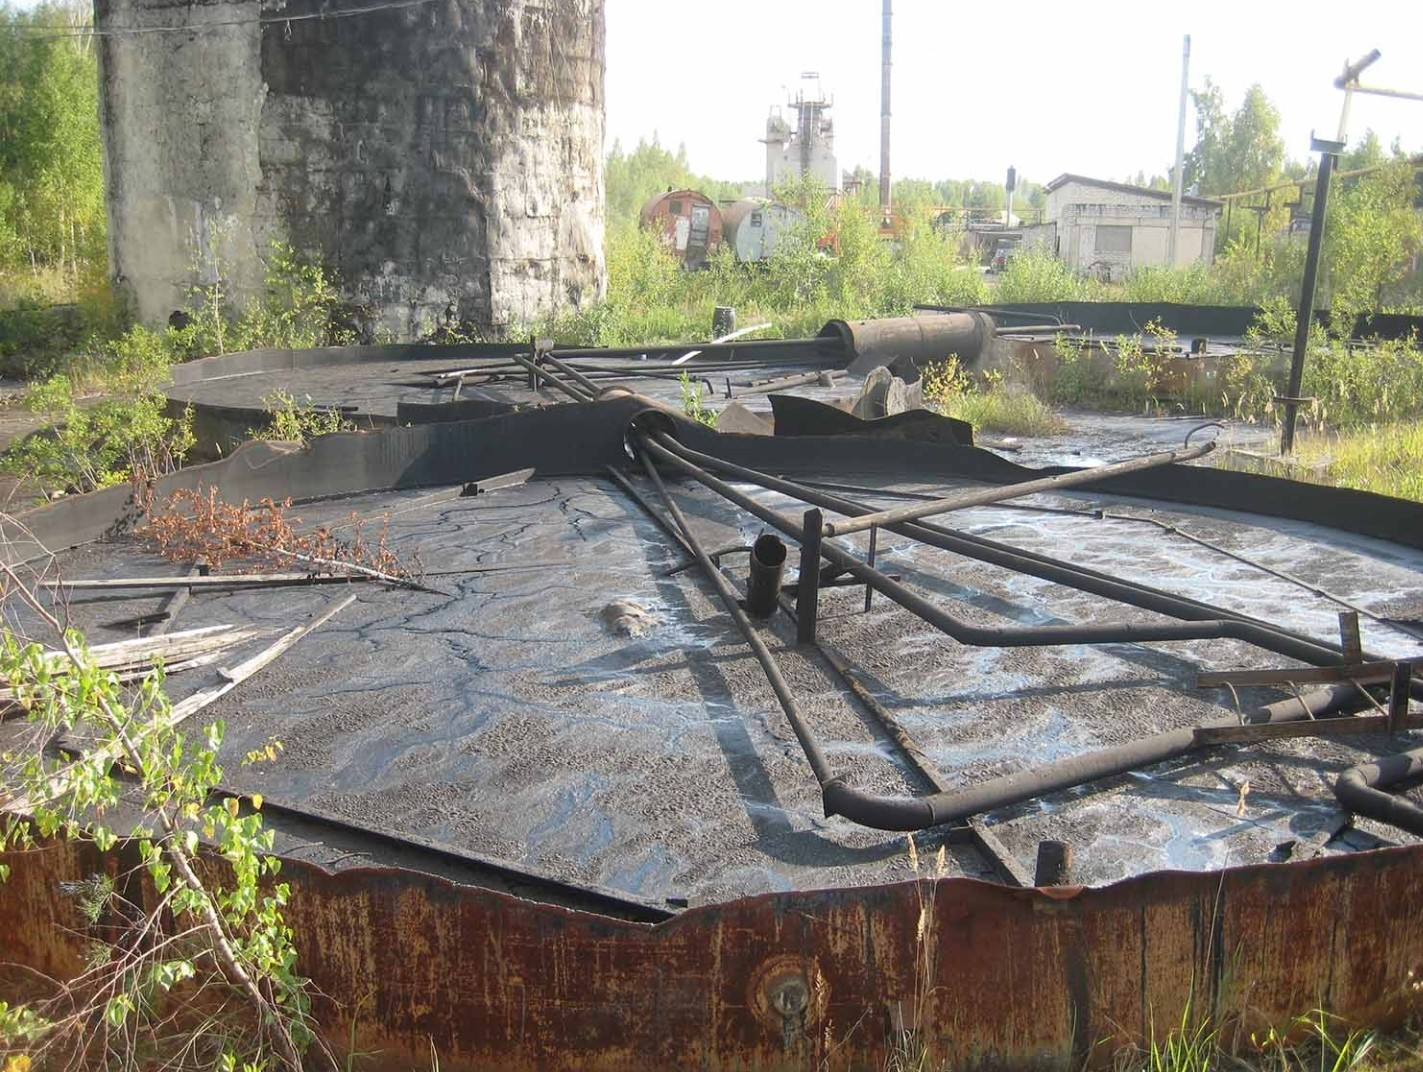 Бесплатно утилизируем старые и заброшенные бочки, резервуары, хронилище от мазута, гудрона и битума.